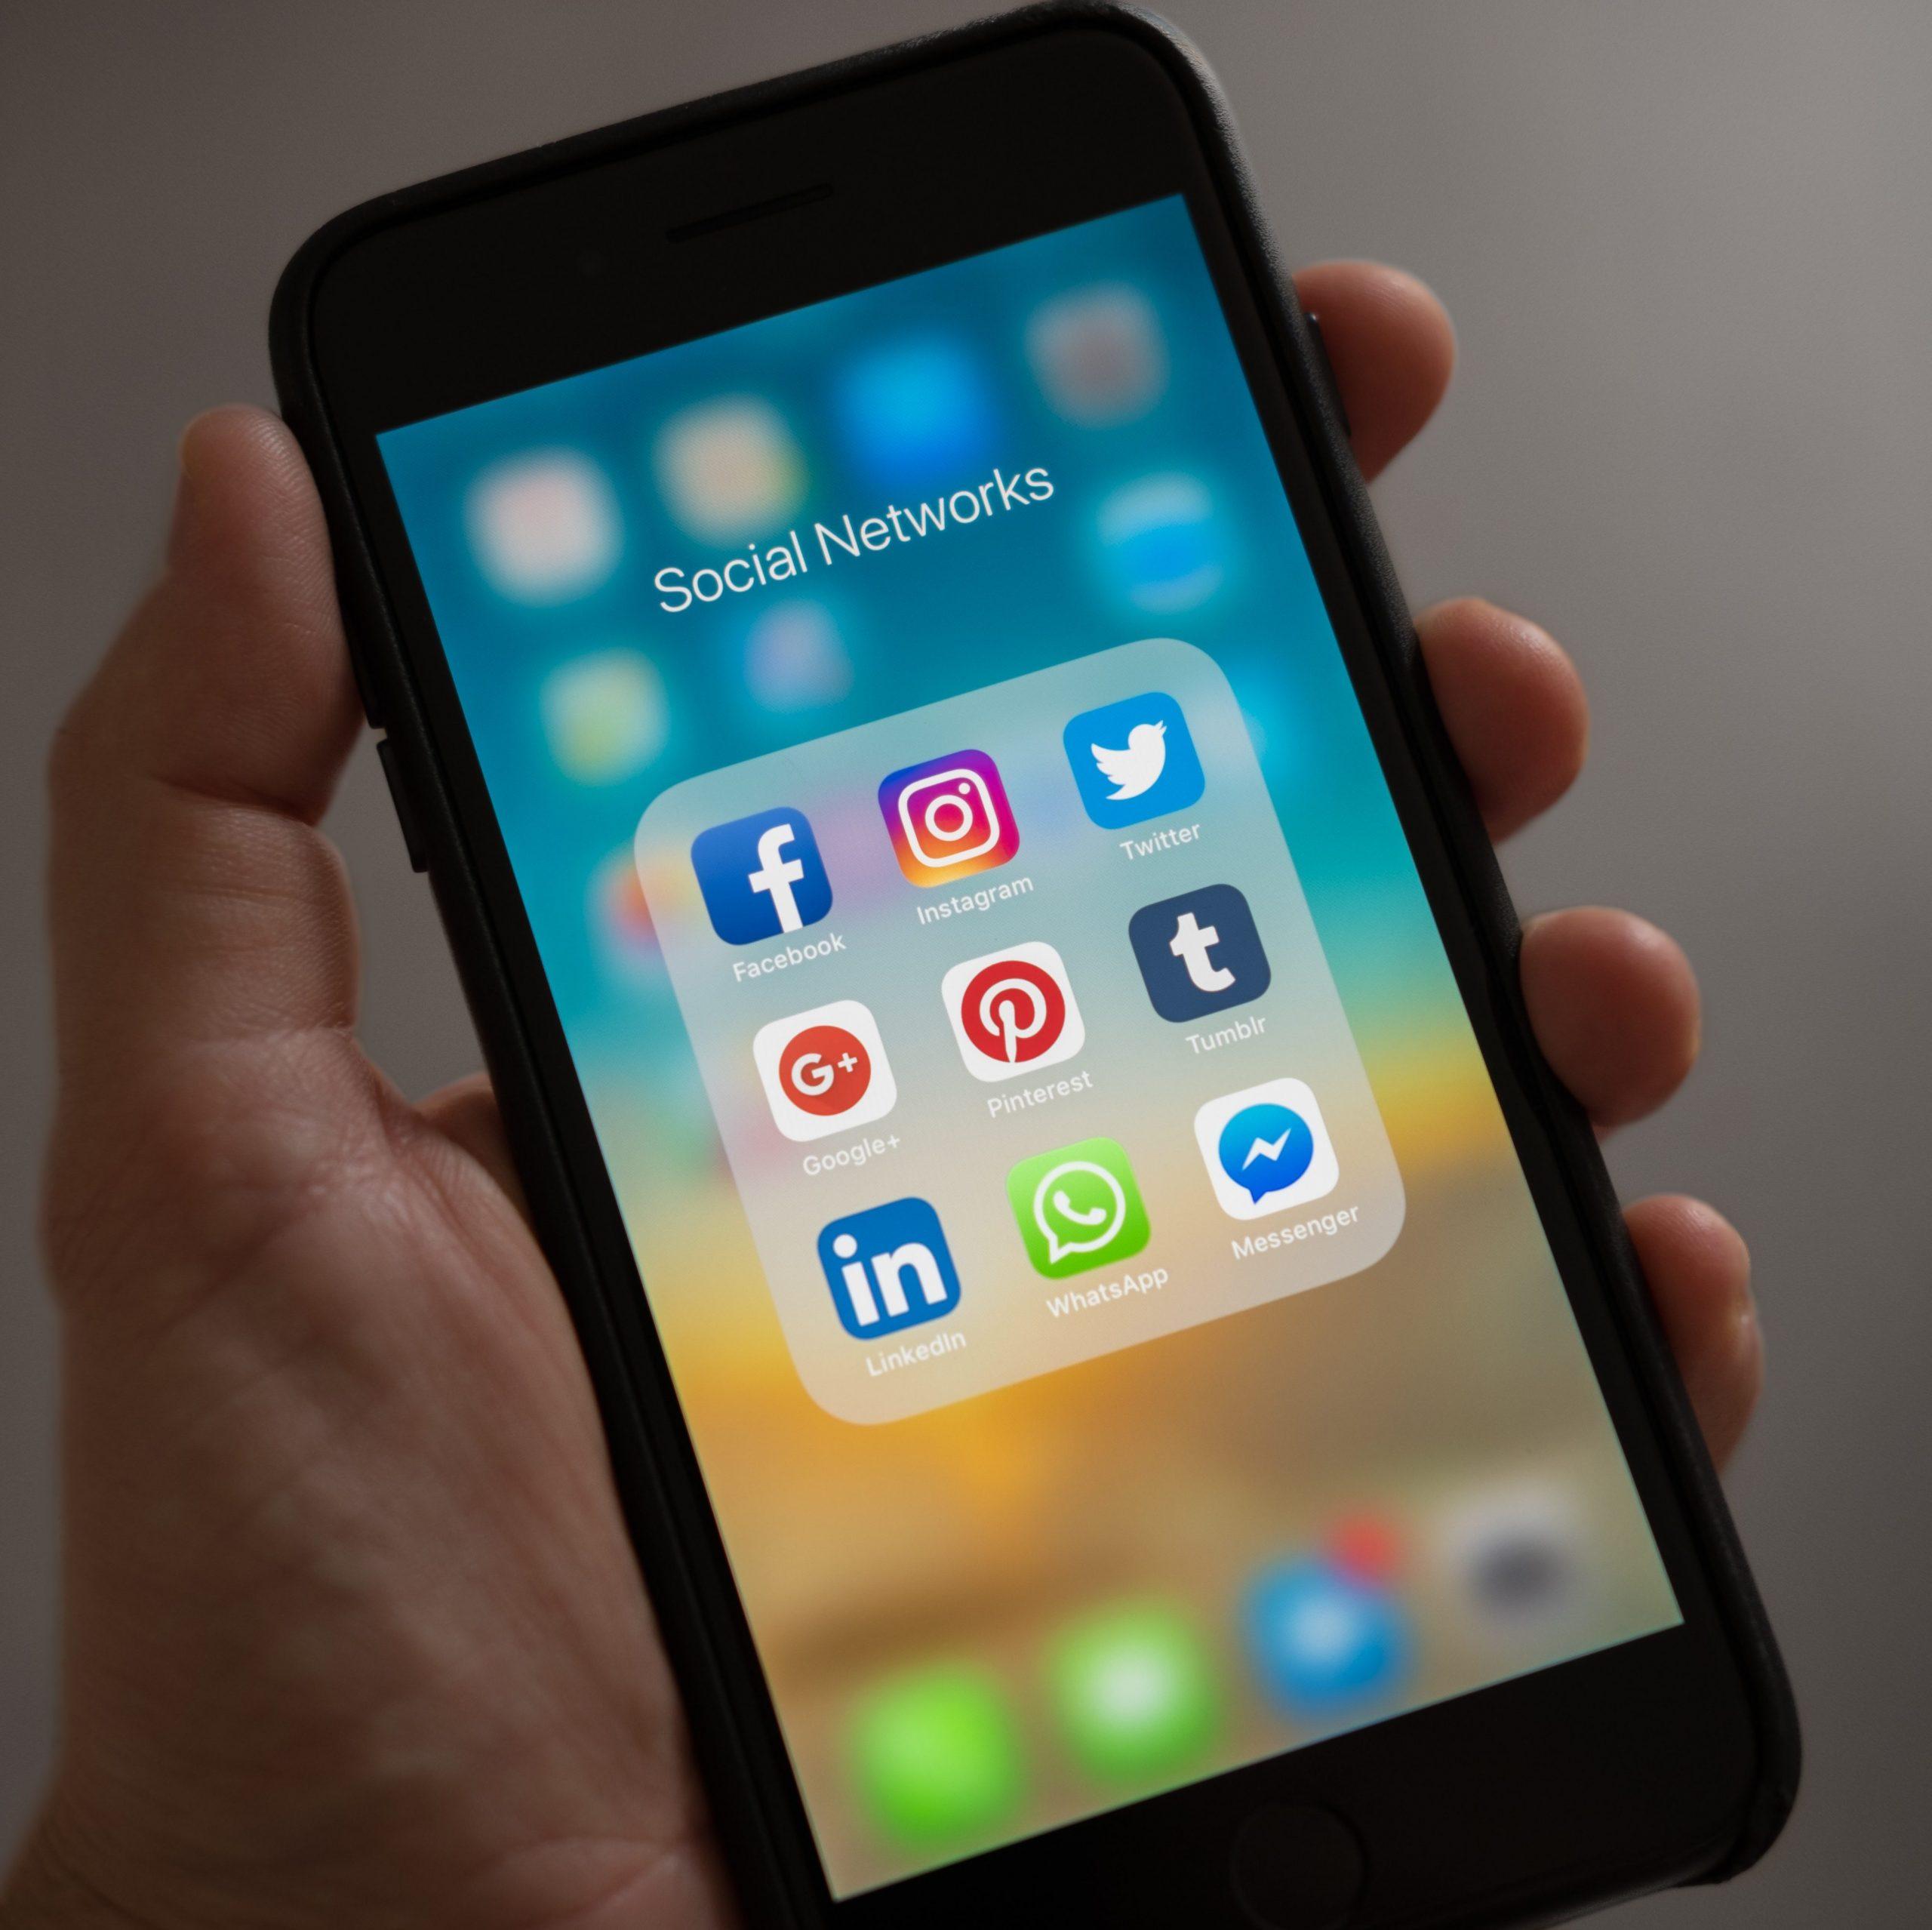 Social media platforms, digital marketing, Facebook, WhatsApp, LinkedIn, Twitter, Instagram